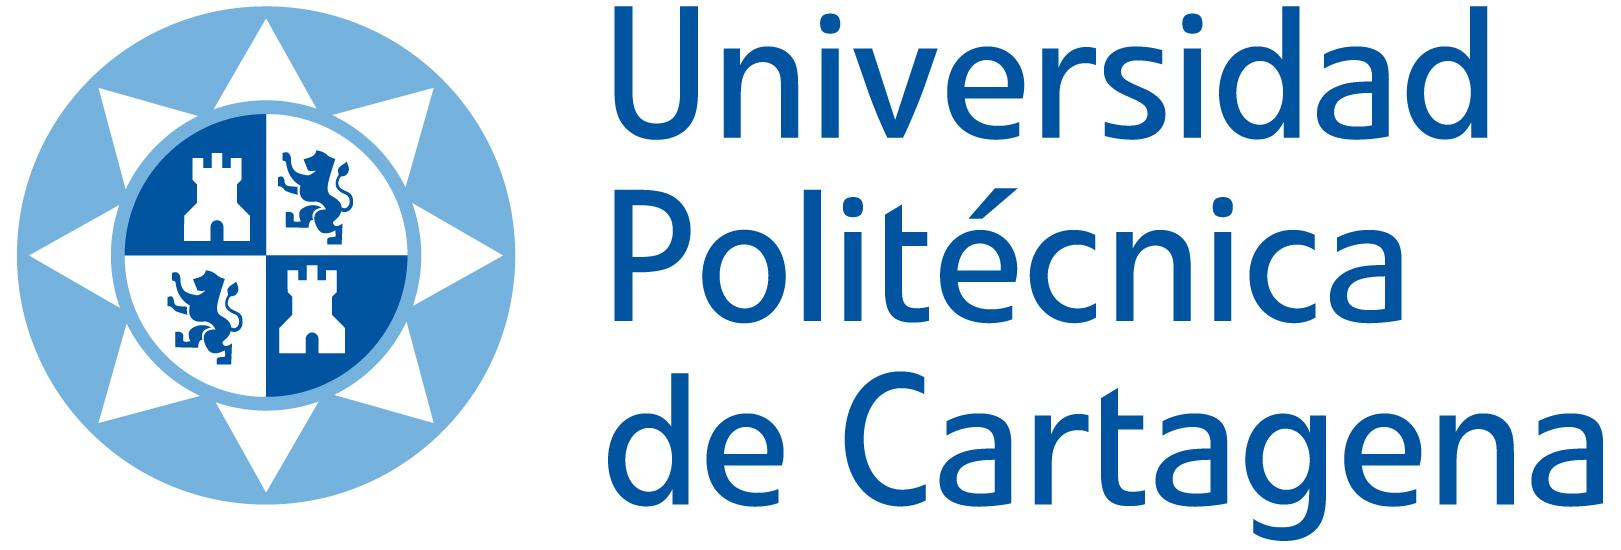 Megapost universidades en español con certificacion gratis